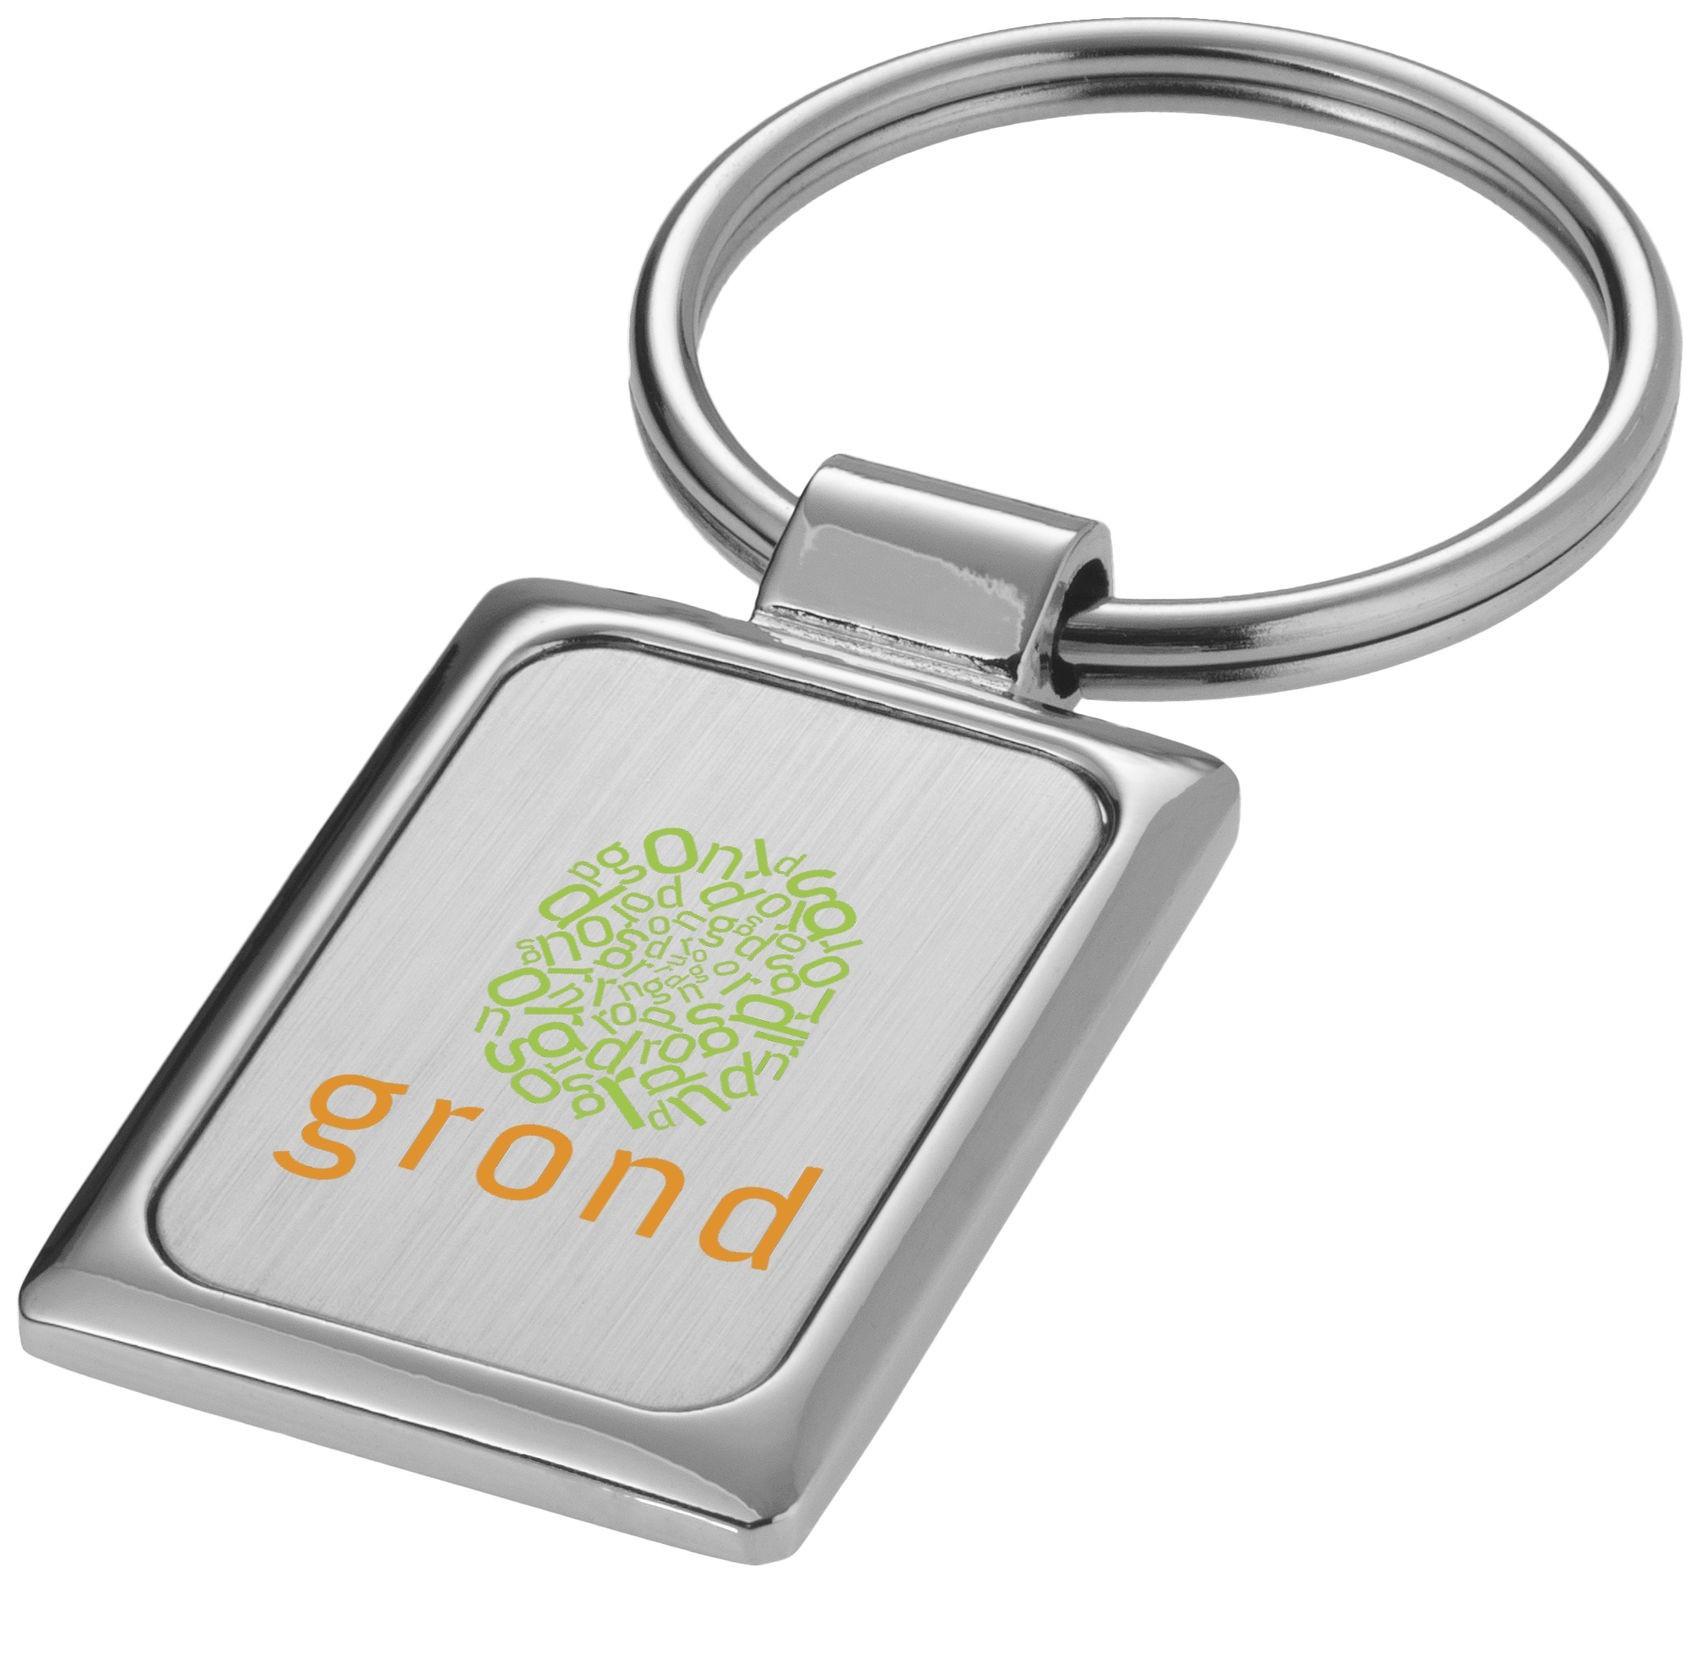 porte-clés rectangulaire pour entreprise par kelcom